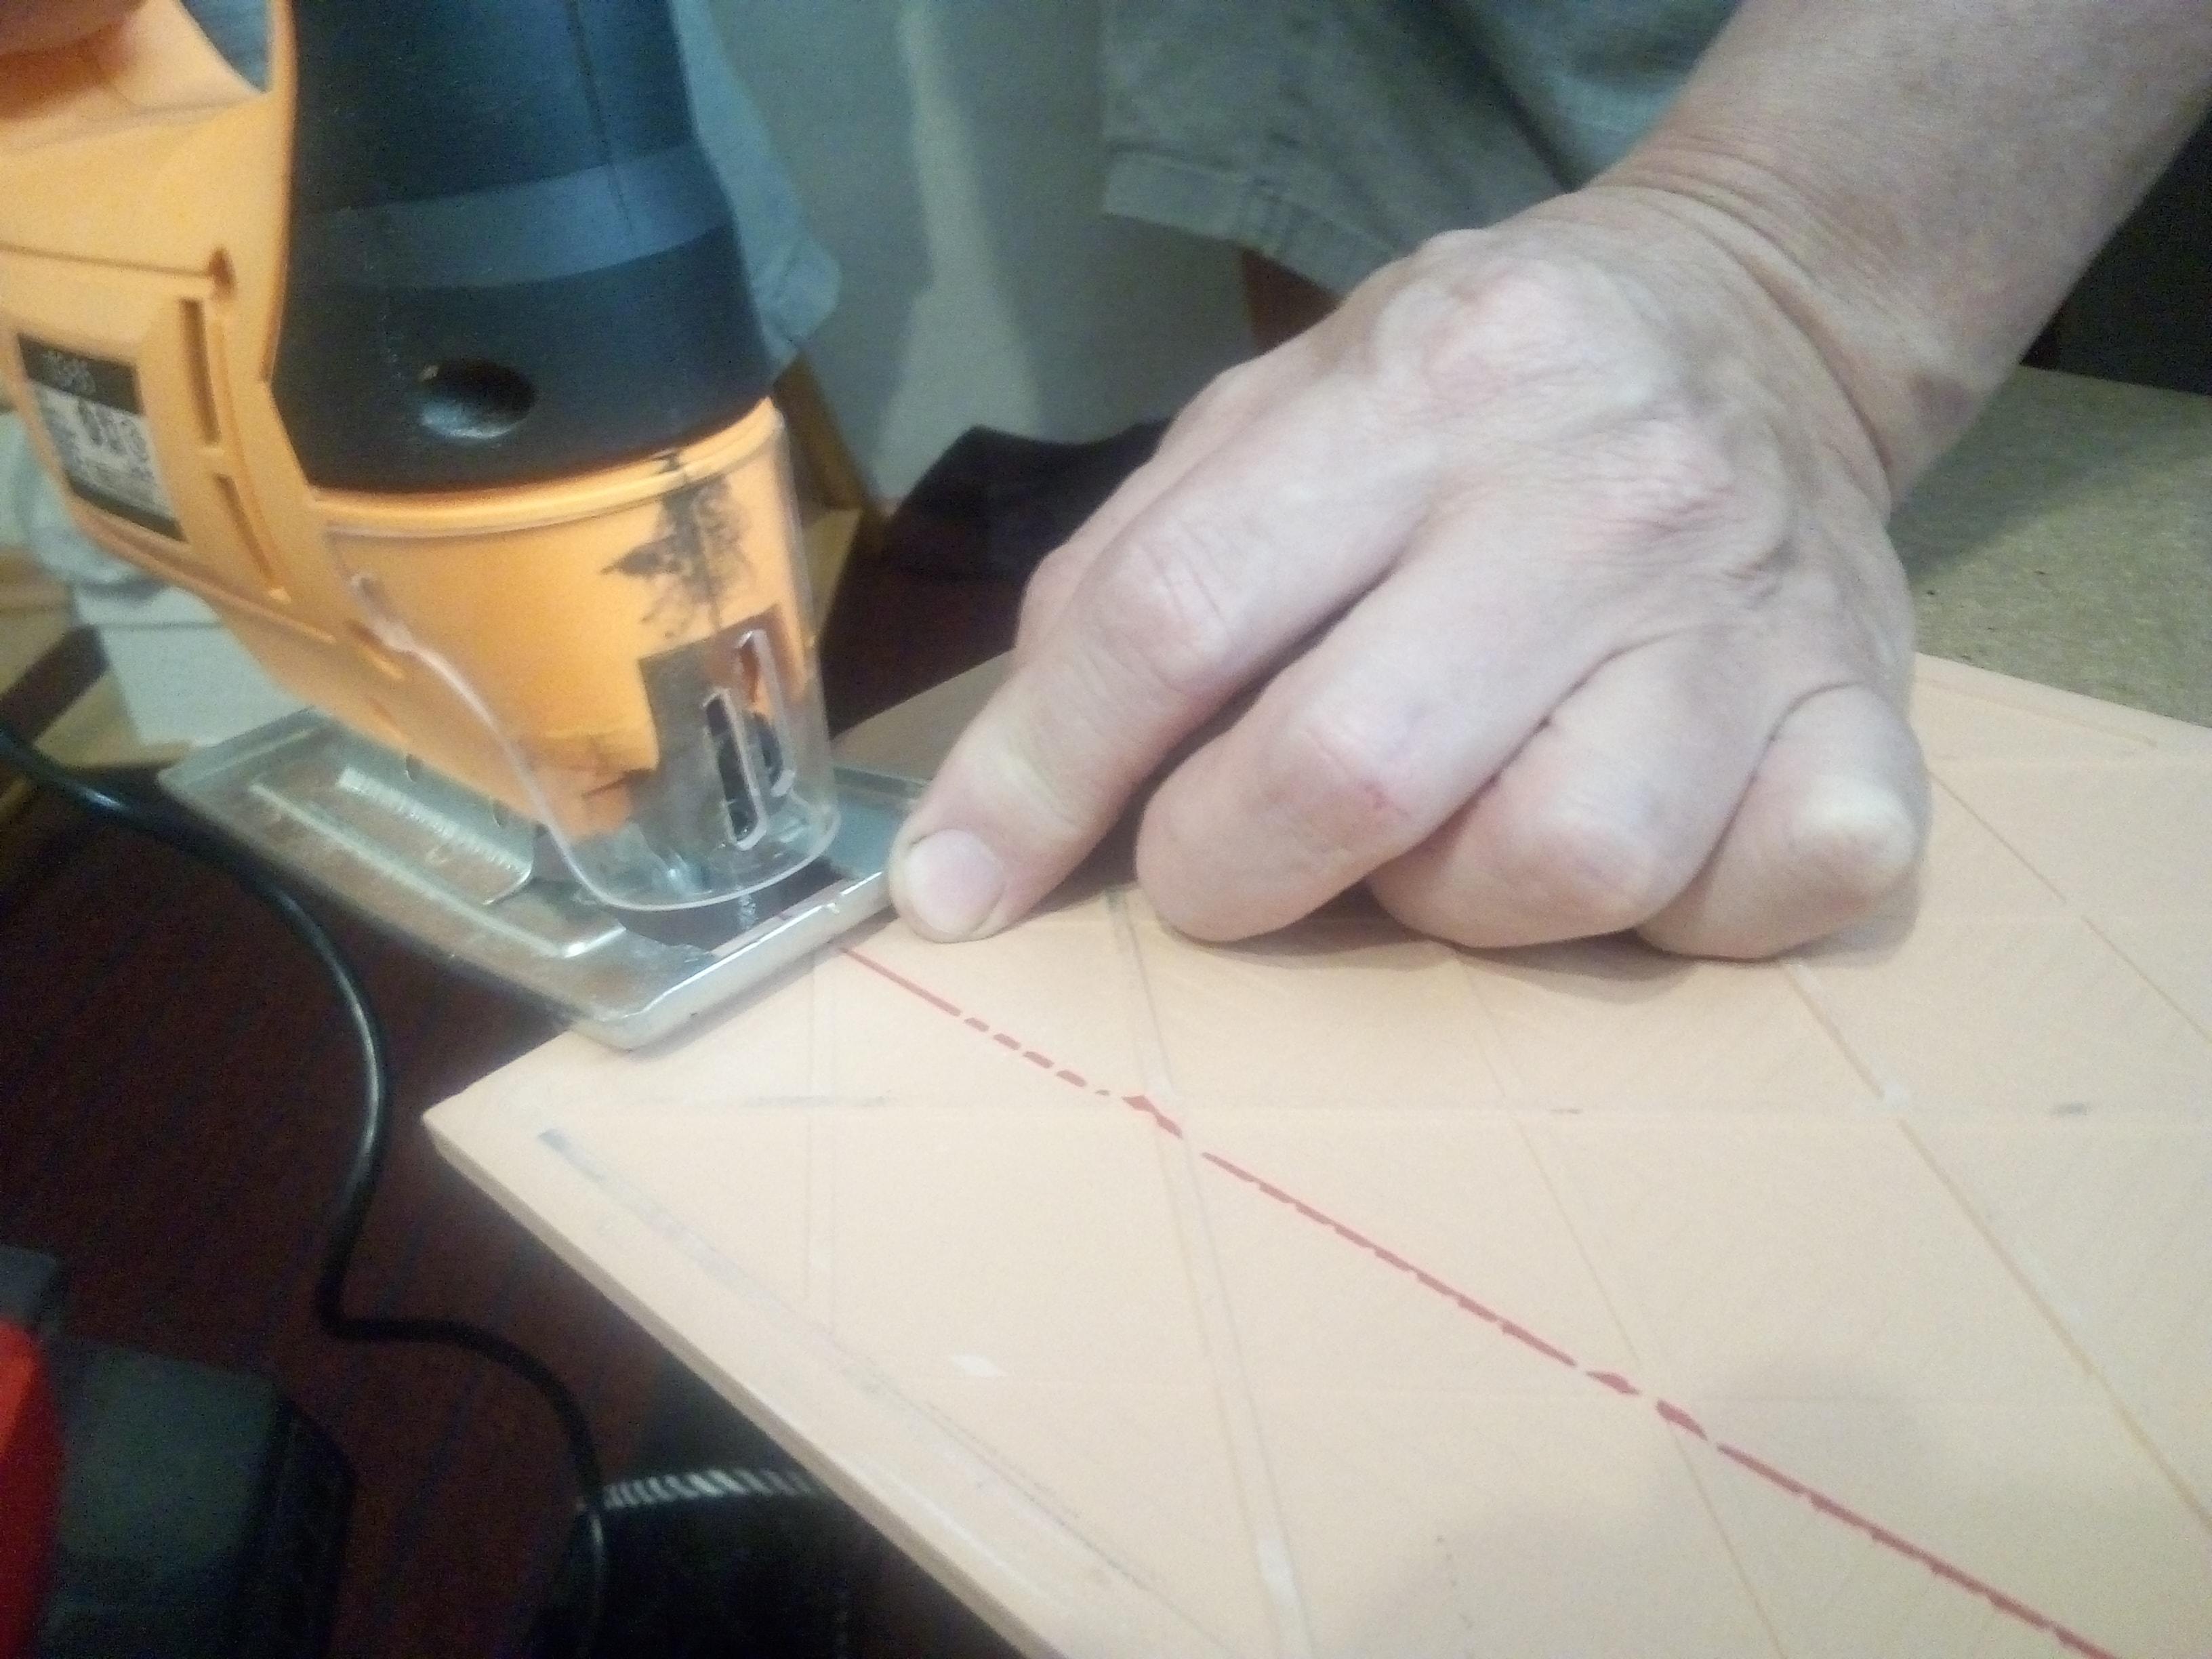 резка керамической плитки электролобзиком